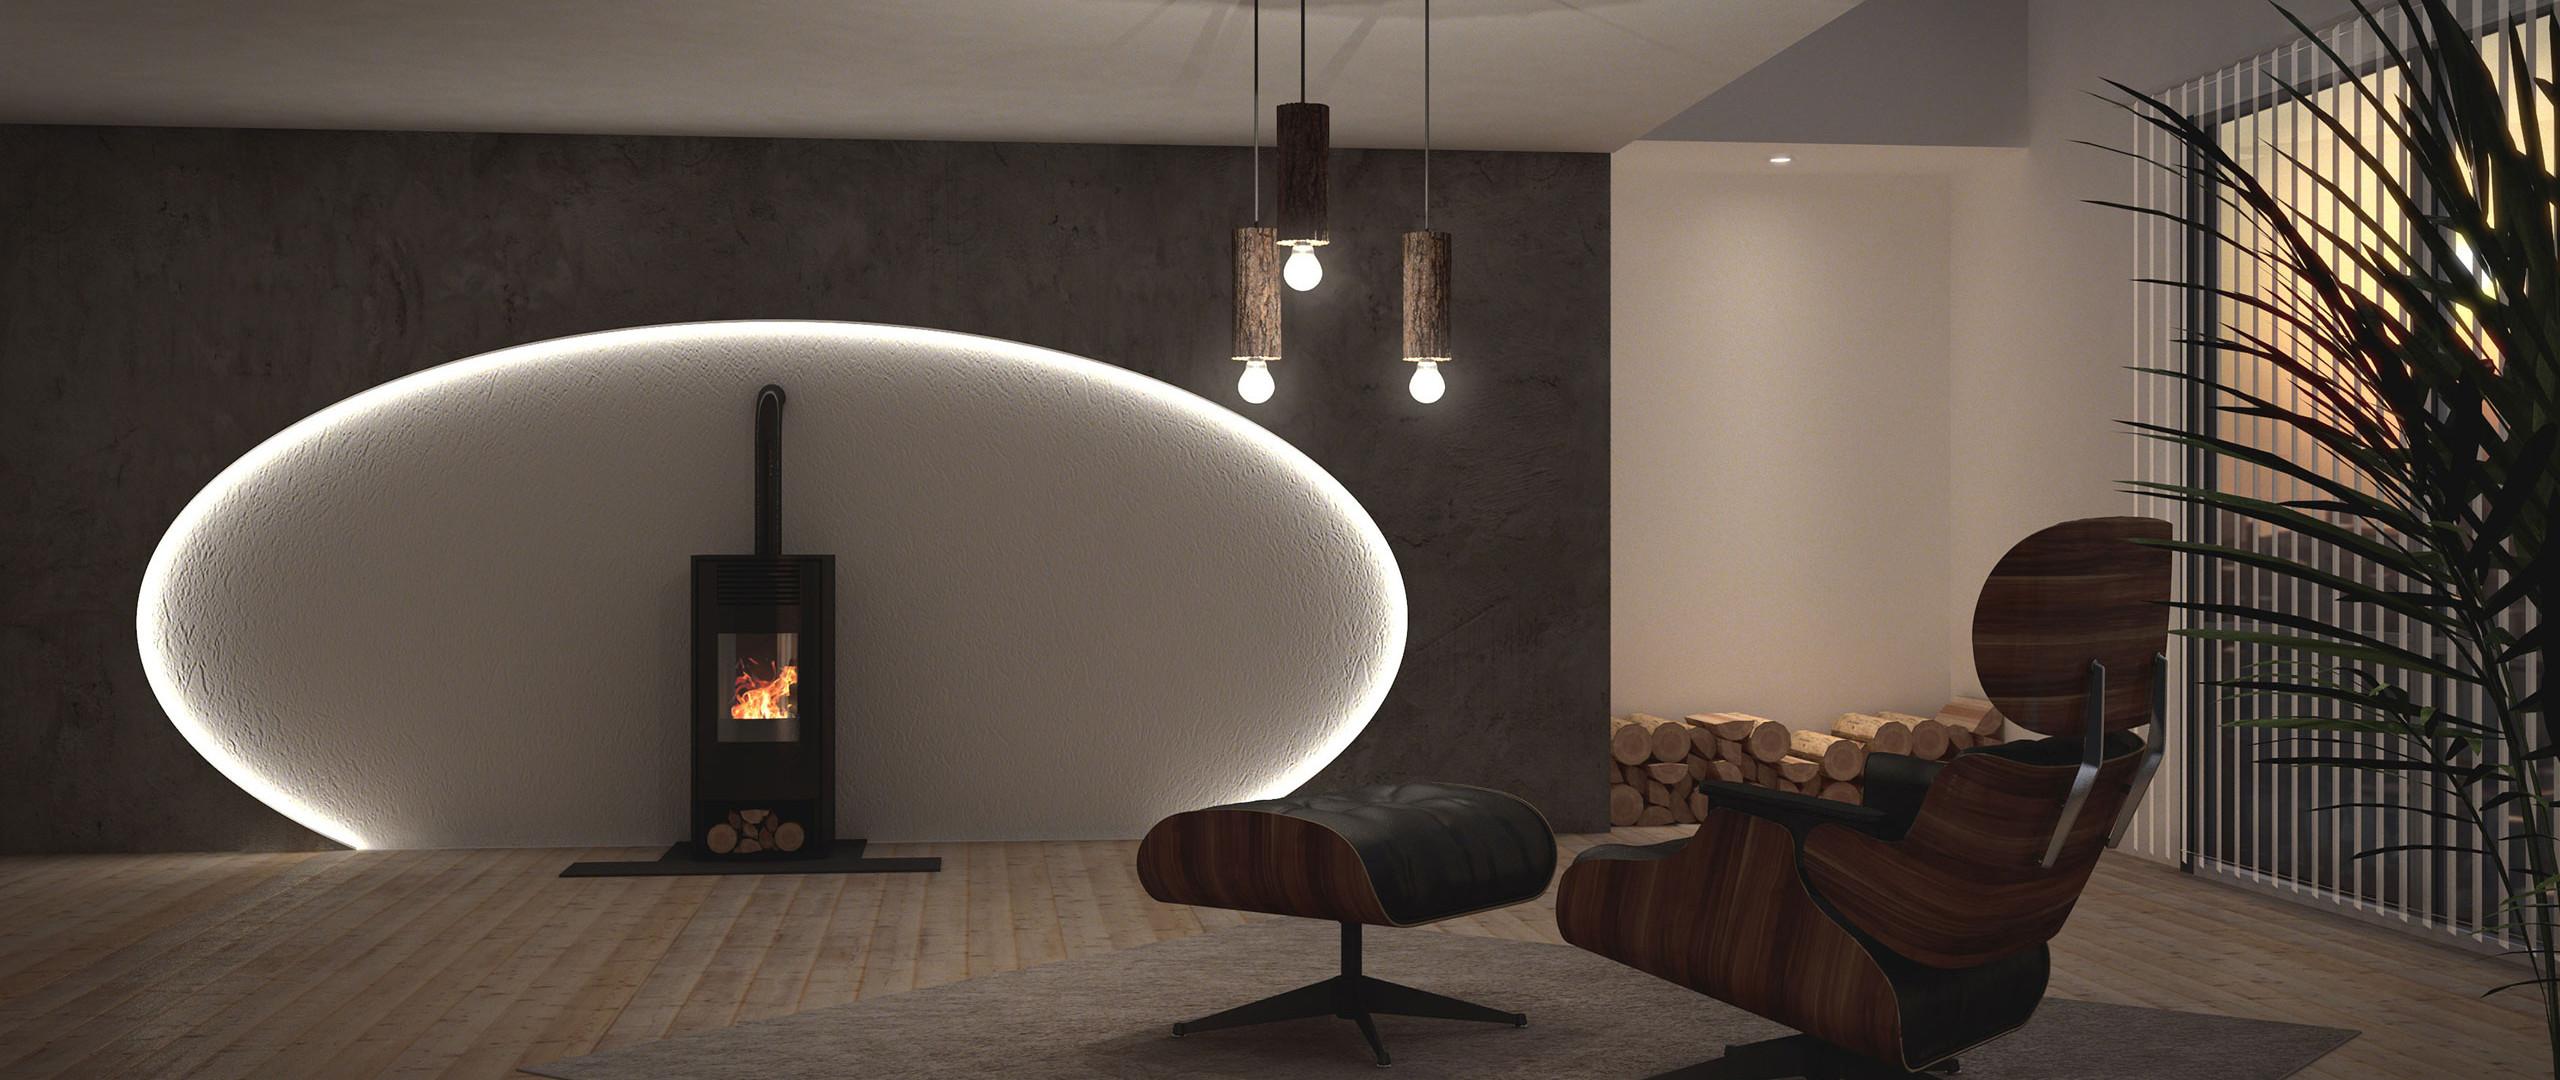 soti light. Black Bedroom Furniture Sets. Home Design Ideas